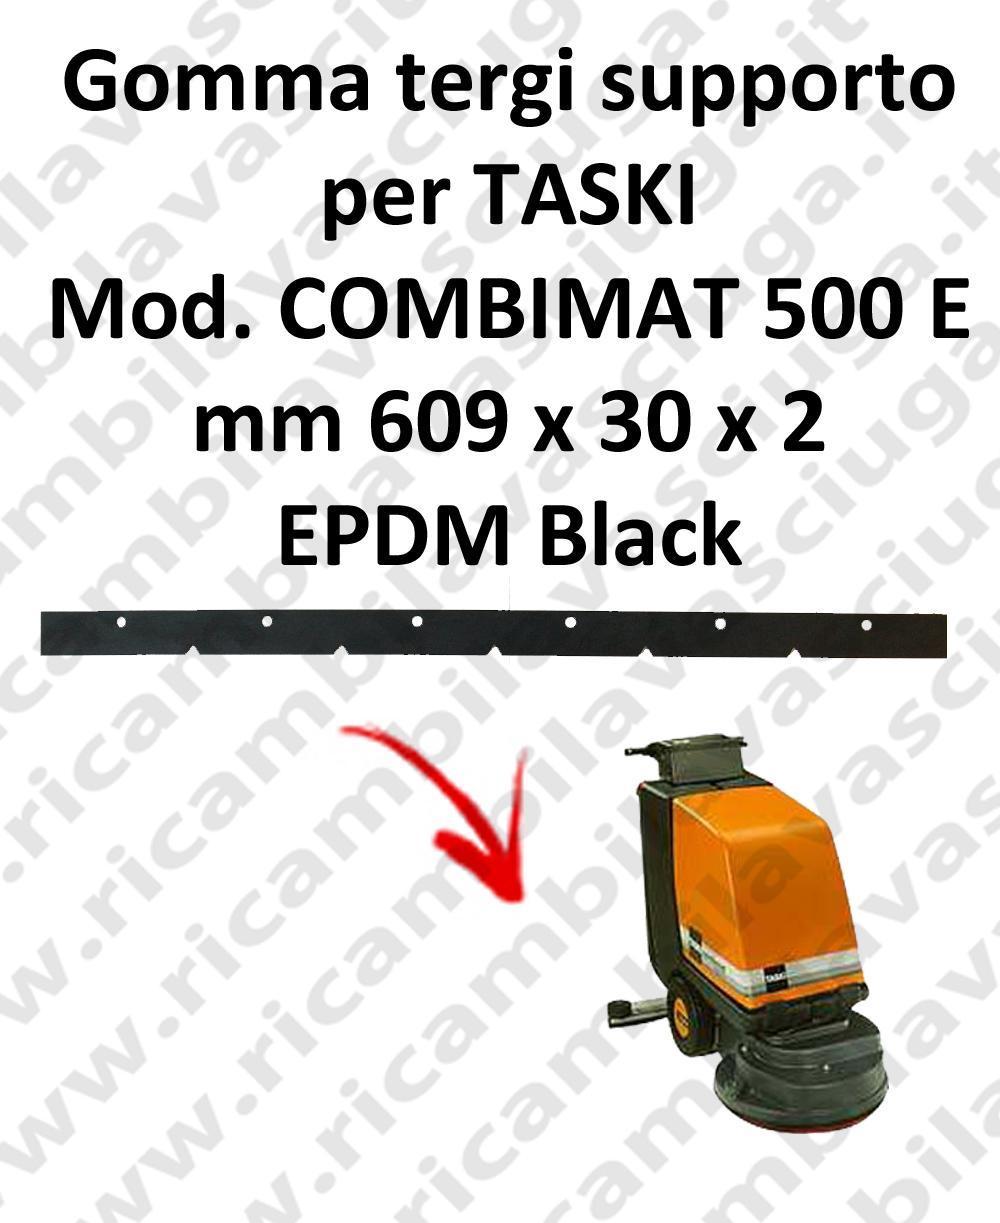 COMBIMAT 500 E Bavette soutien pour autolaveuses TASKI modèle